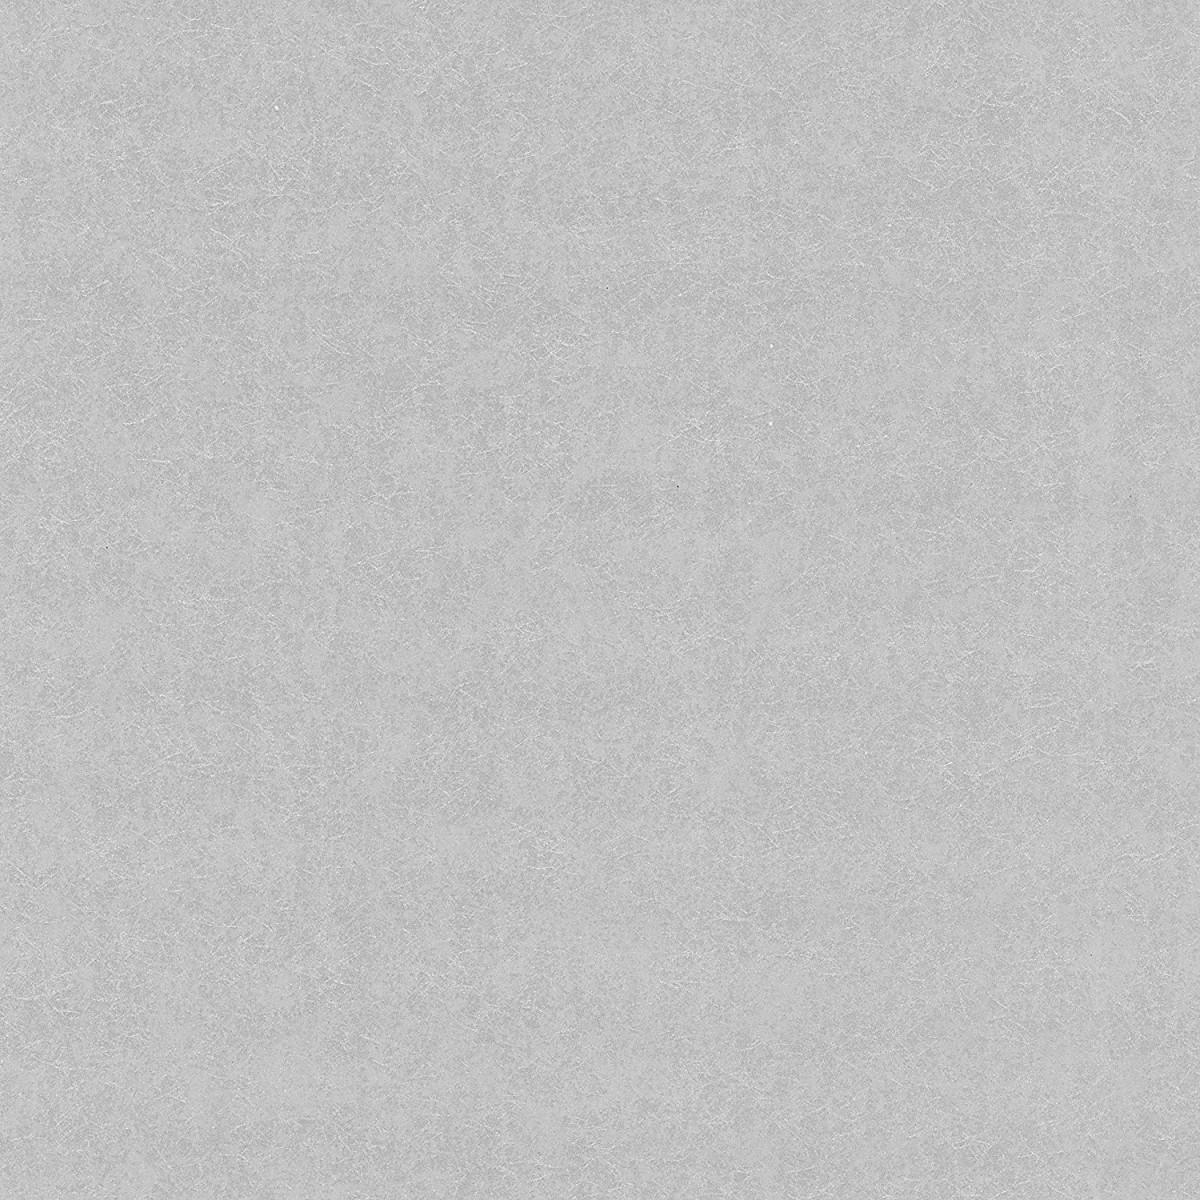 Обои флизелиновые P+S International Artemis серые 0.53 м 15012-20